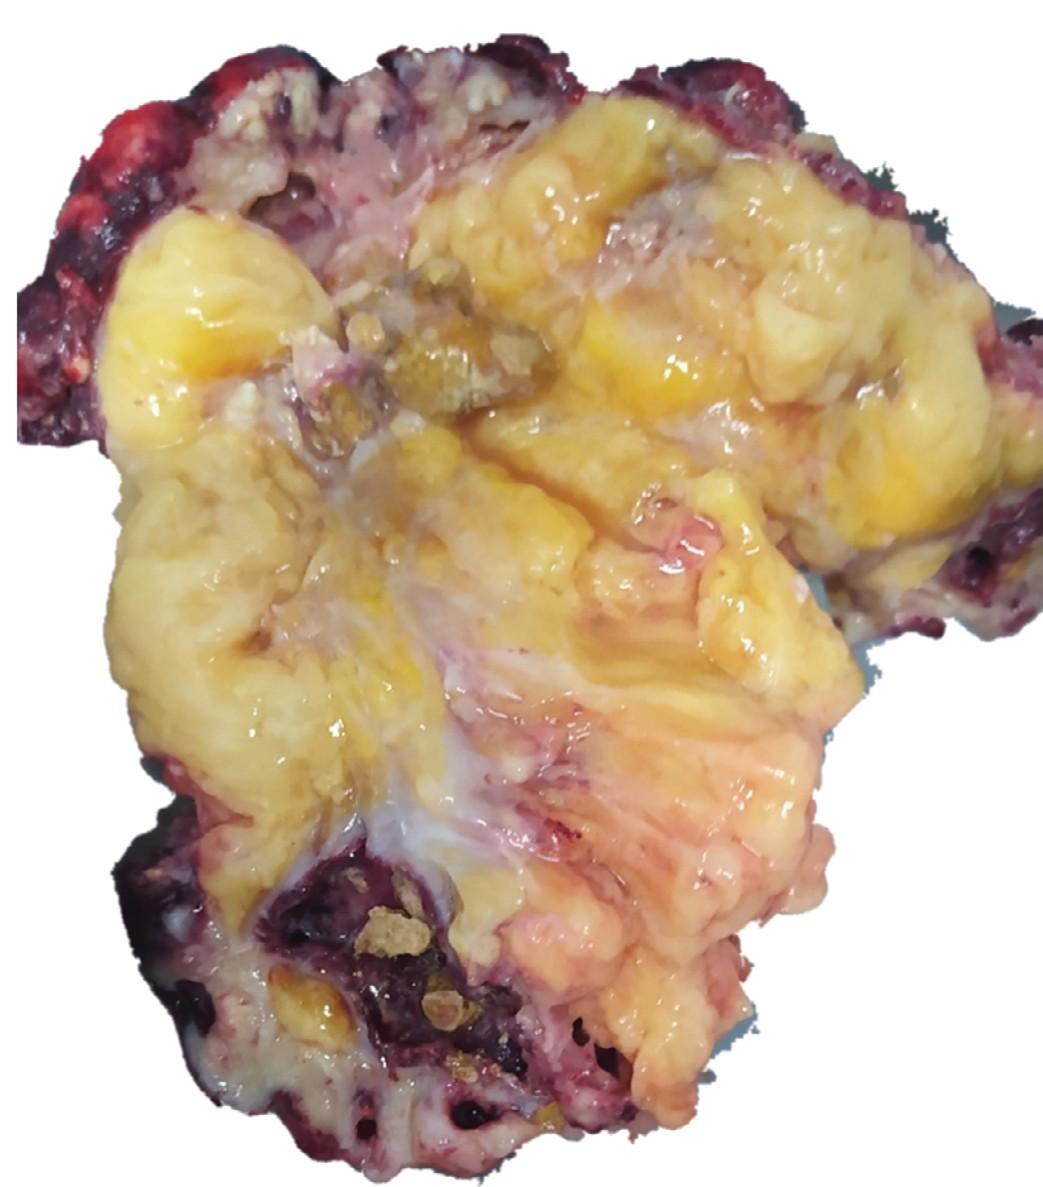 Удаленная левая почка (макропрепарат). Средний сегмент паренхимы замещен жировой тканью